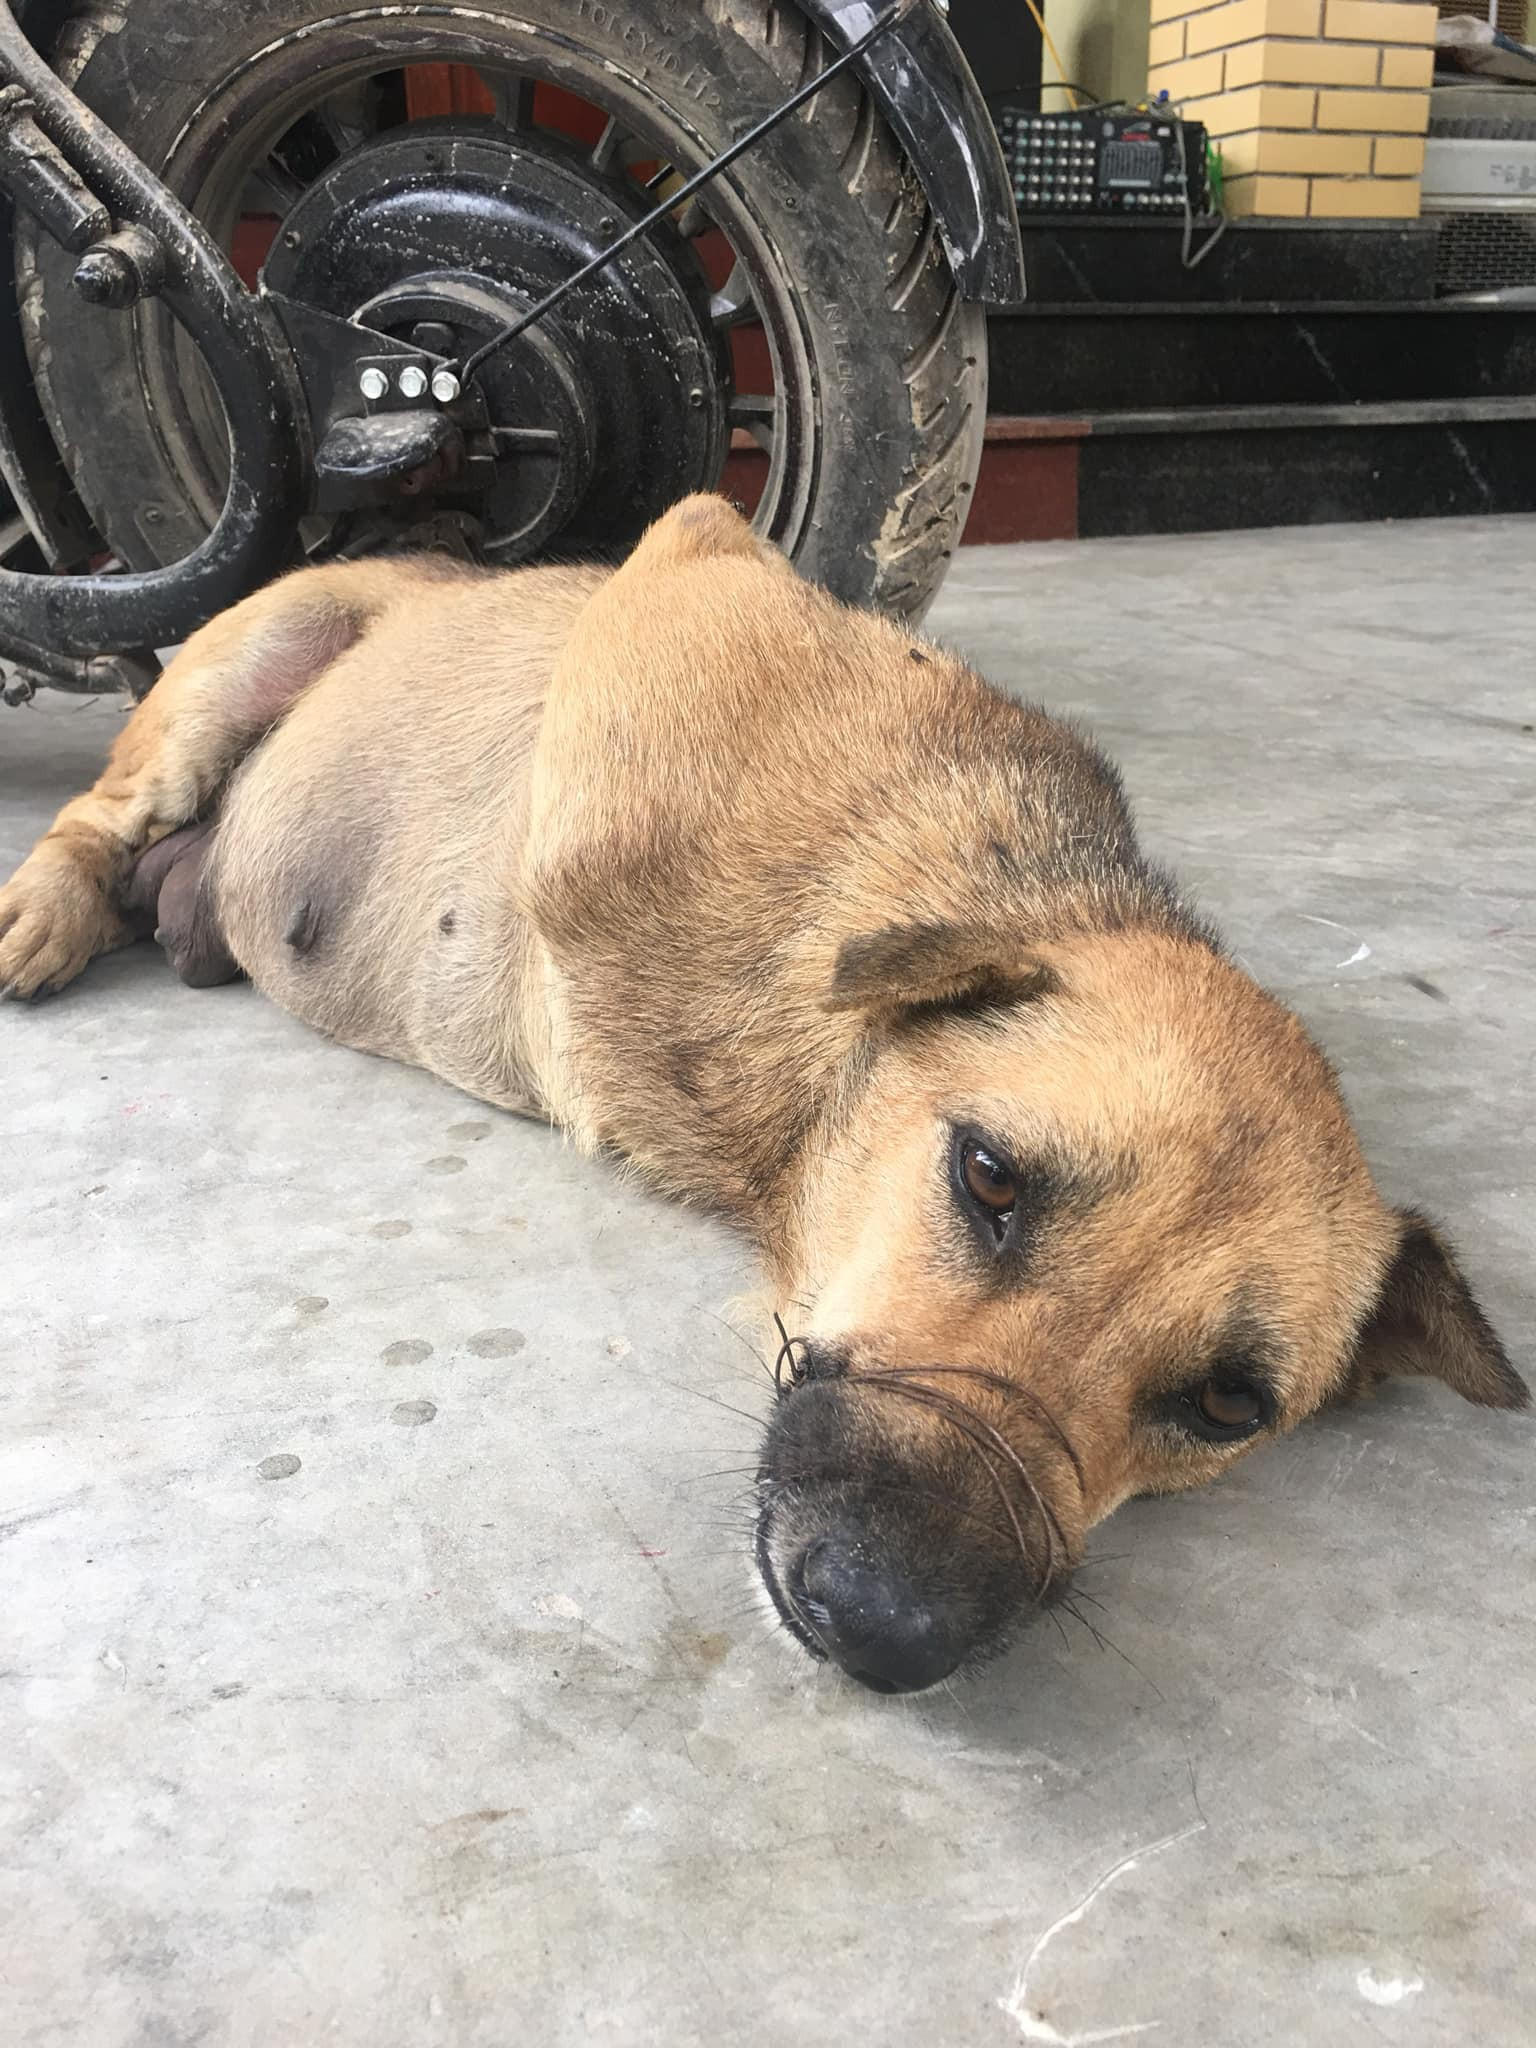 Hình ảnh chú chó bị trói chân, rọ mõm trước khi bị giết thịt